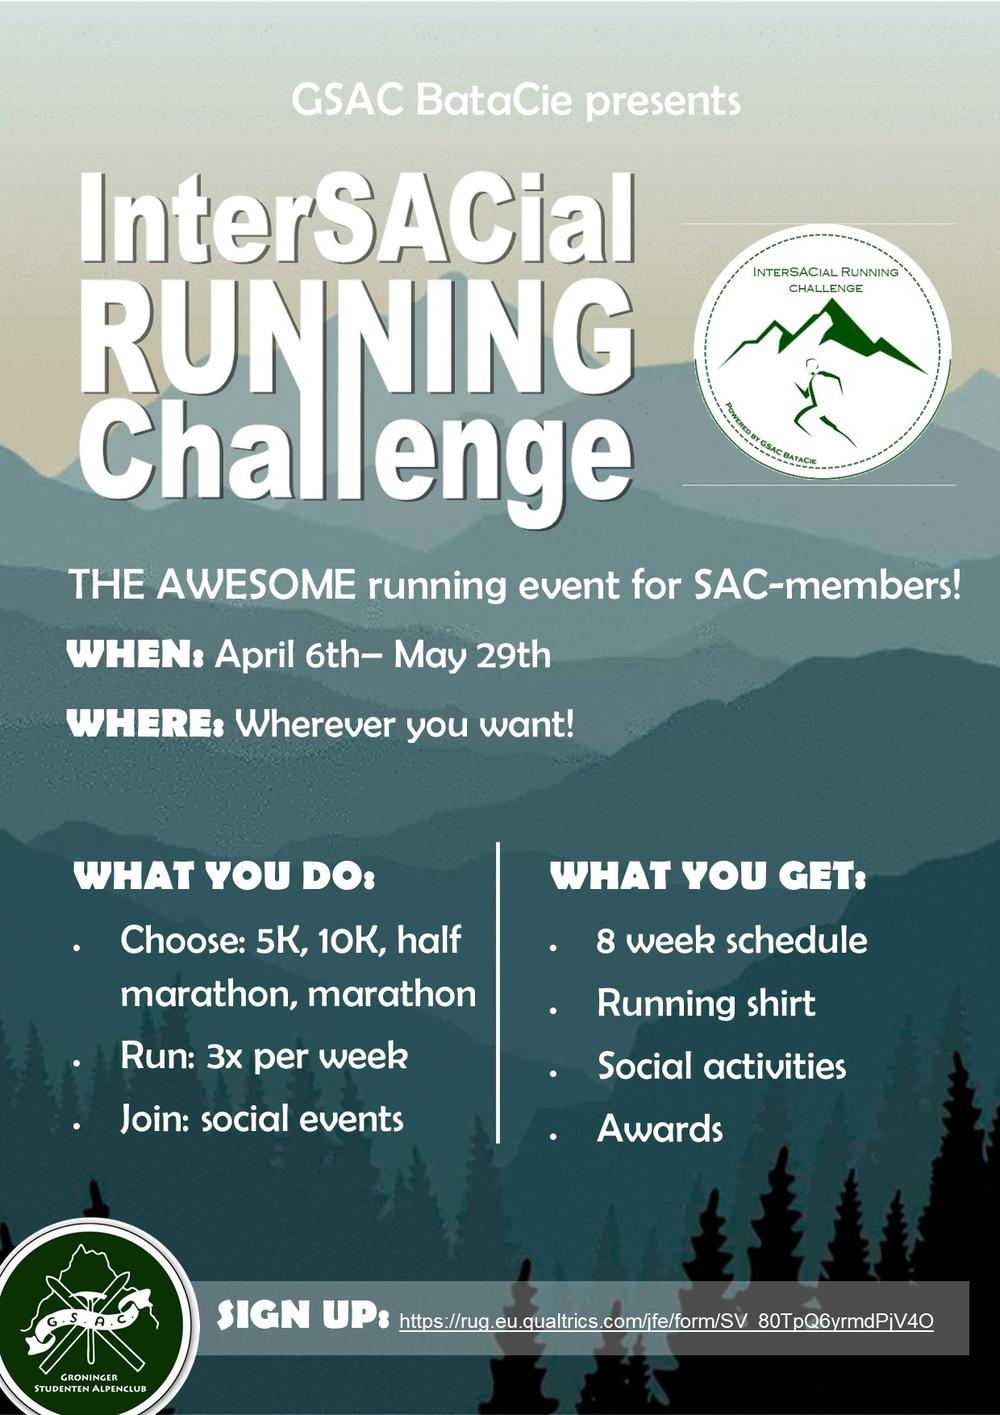 InterSACial Running Challenge